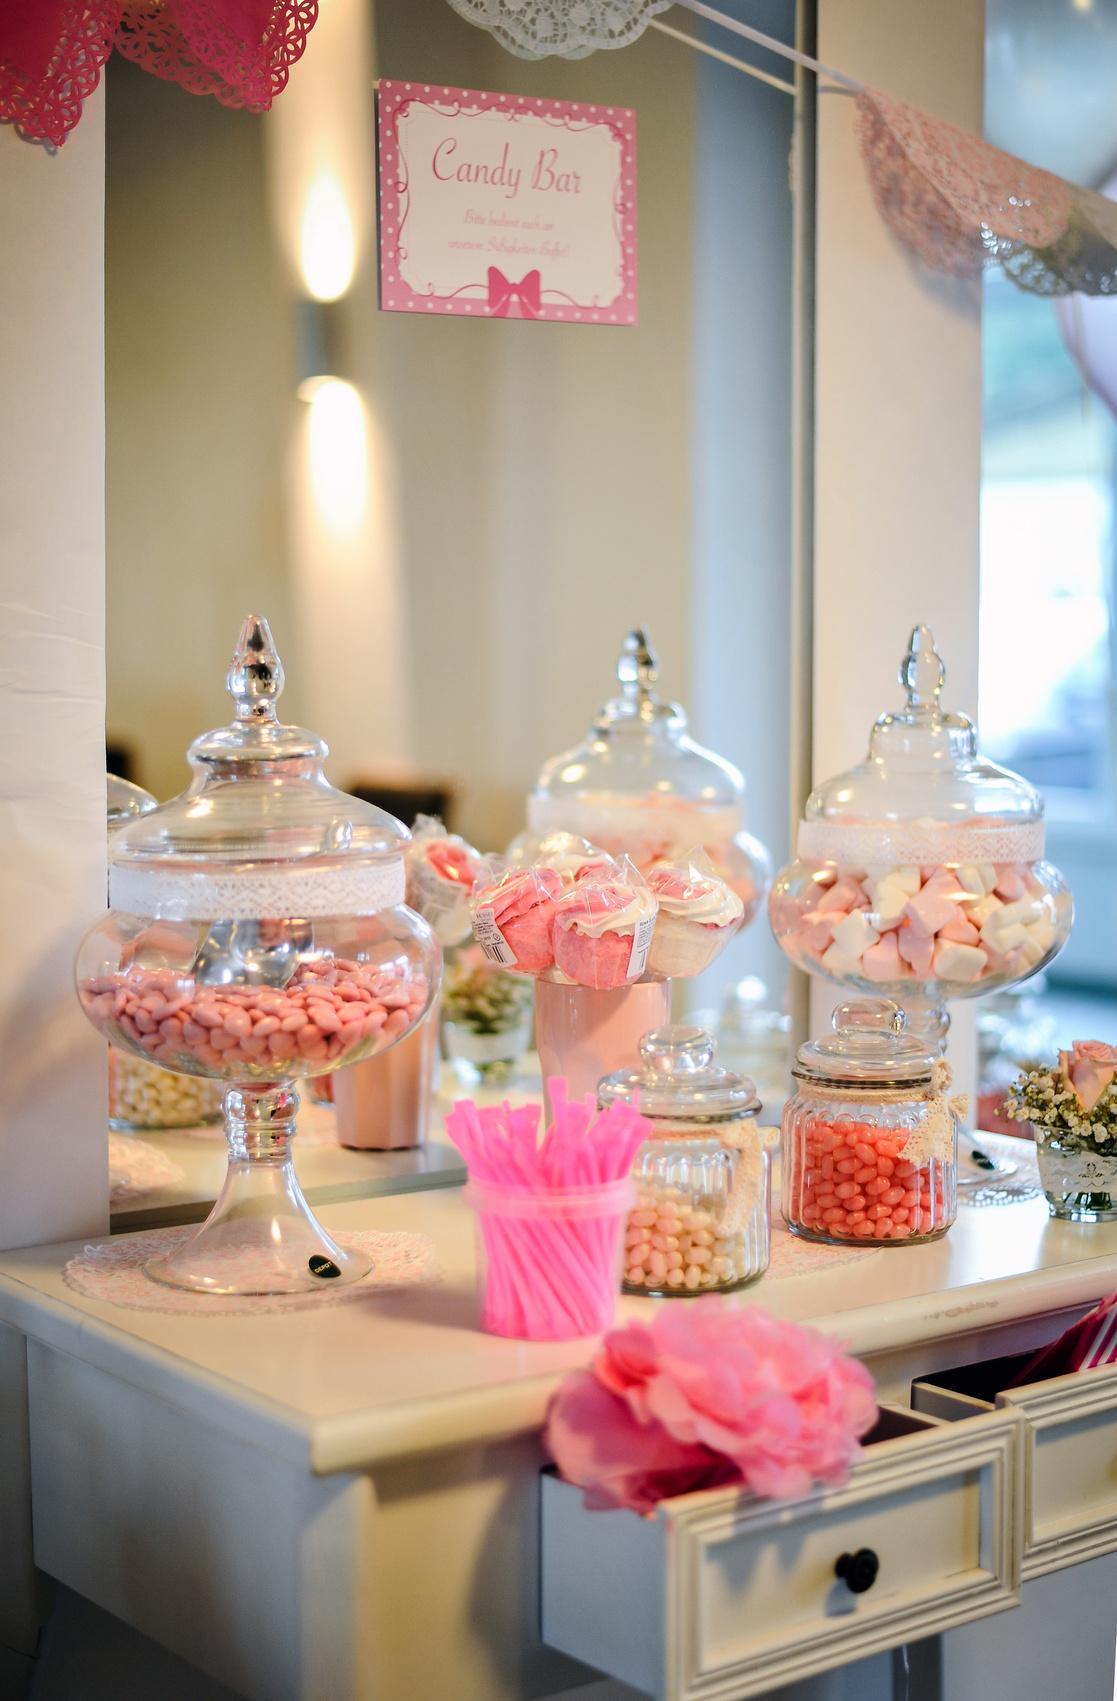 candy bar stuttgart candy bar leistungen und preise. Black Bedroom Furniture Sets. Home Design Ideas